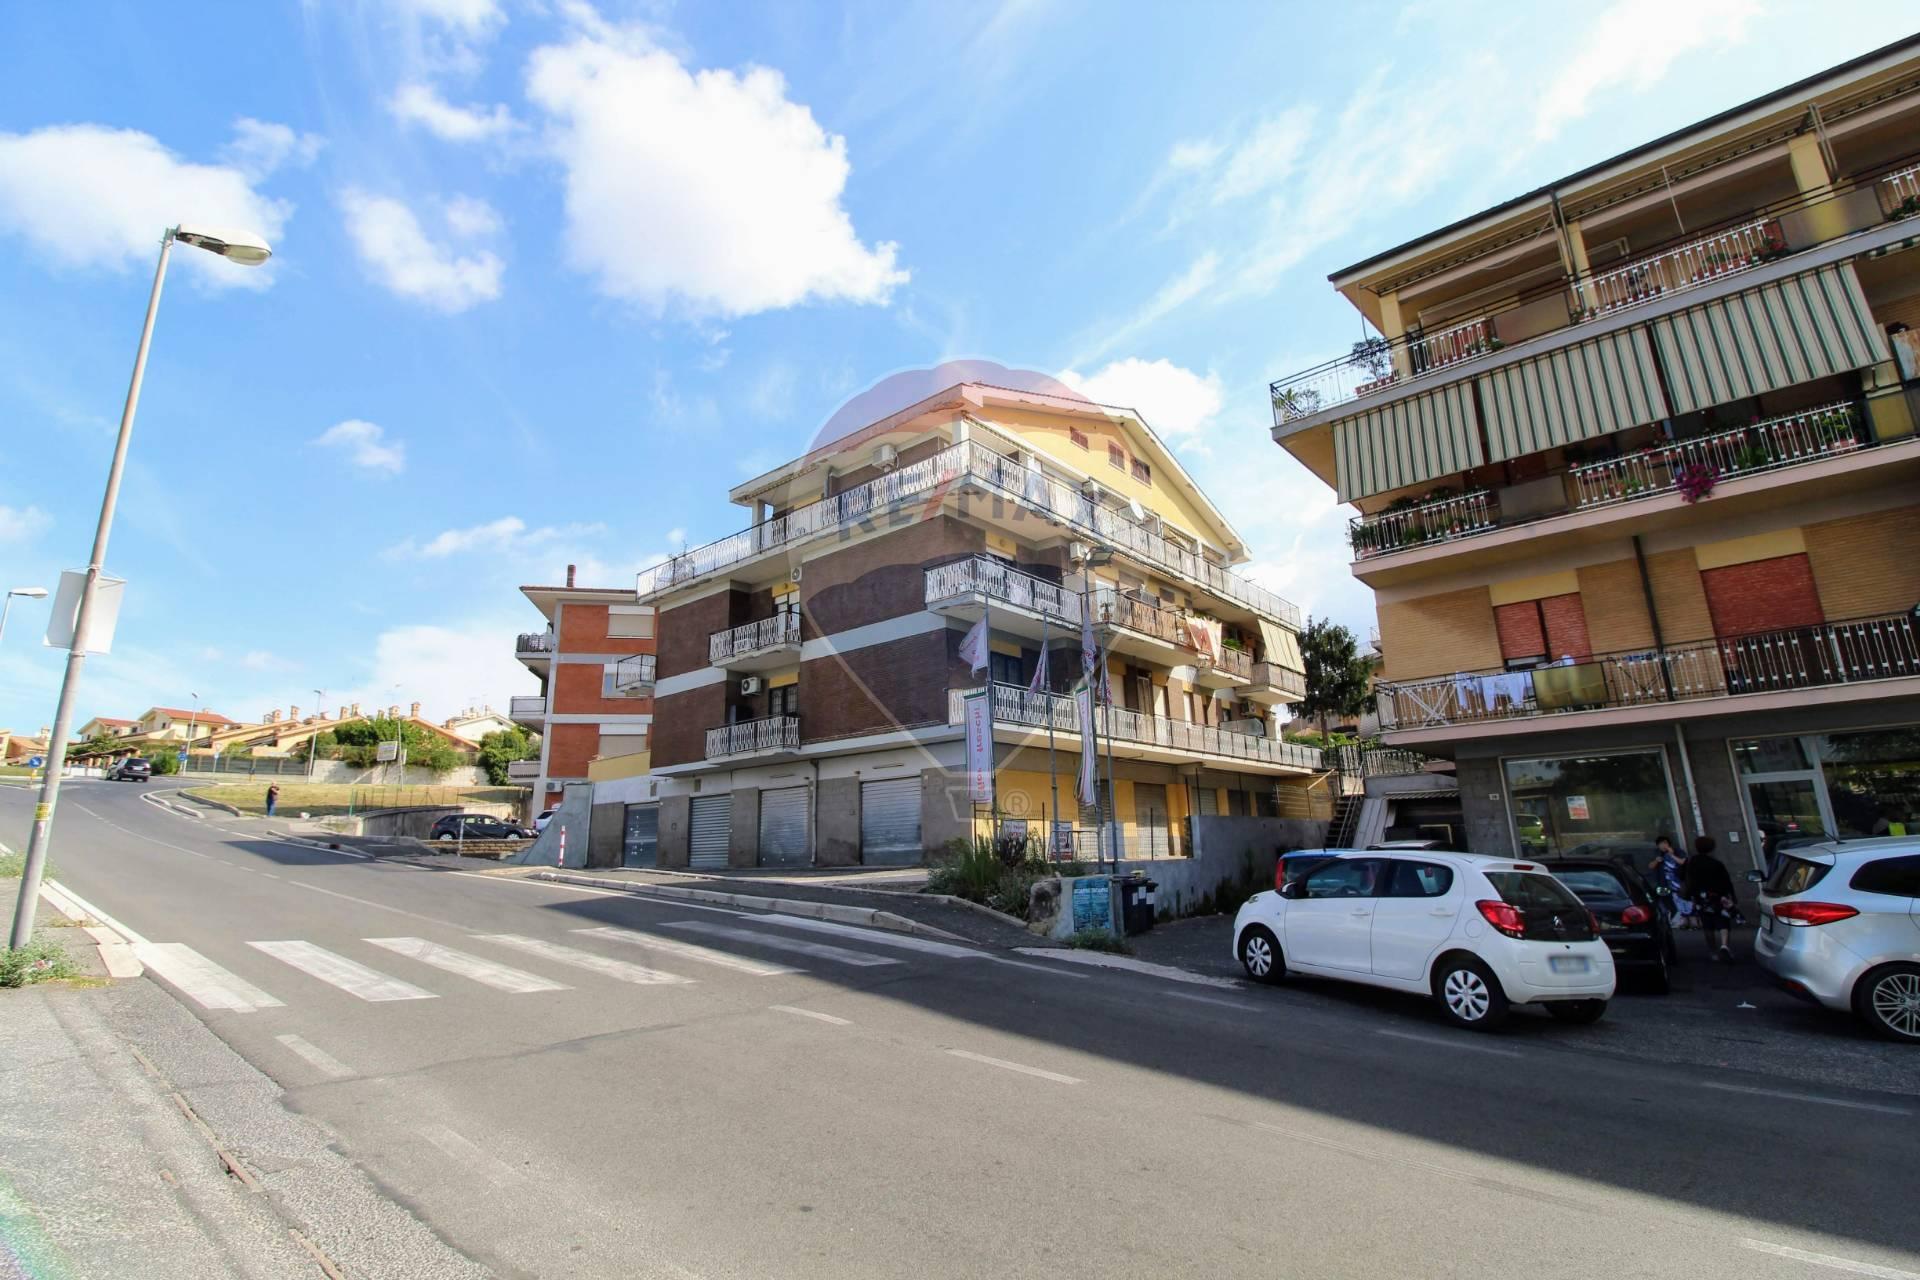 Negozio / Locale in vendita a Albano Laziale, 9999 locali, zona Zona: Cecchina, prezzo € 180.000 | CambioCasa.it